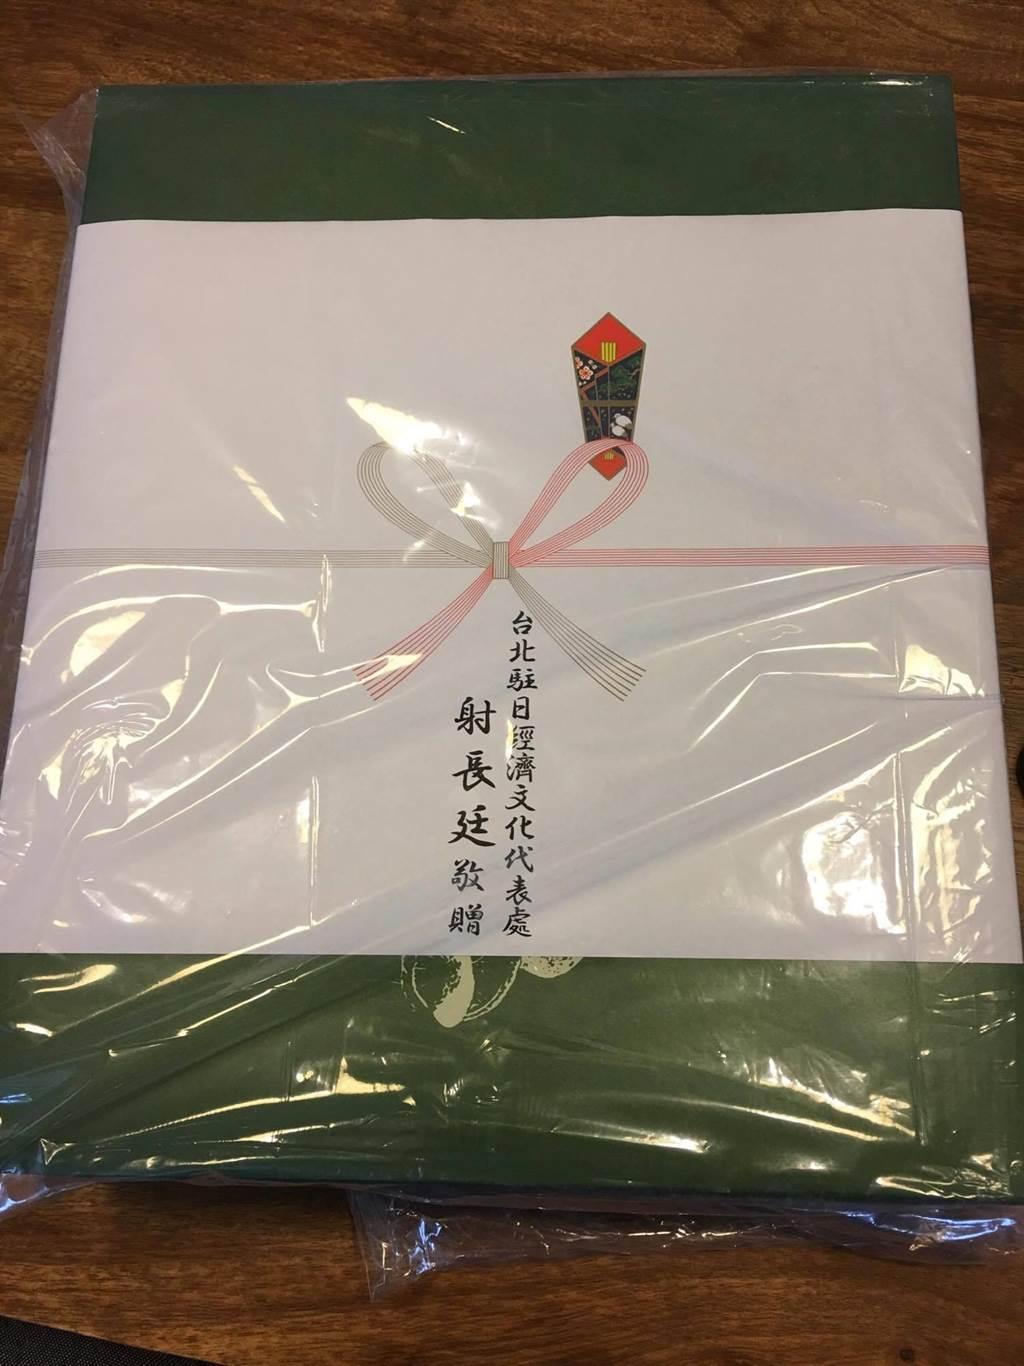 駐日代表謝長廷致贈禮品給參與活動的立委,禮品署名卻寫成「射長廷」。(立委提供)